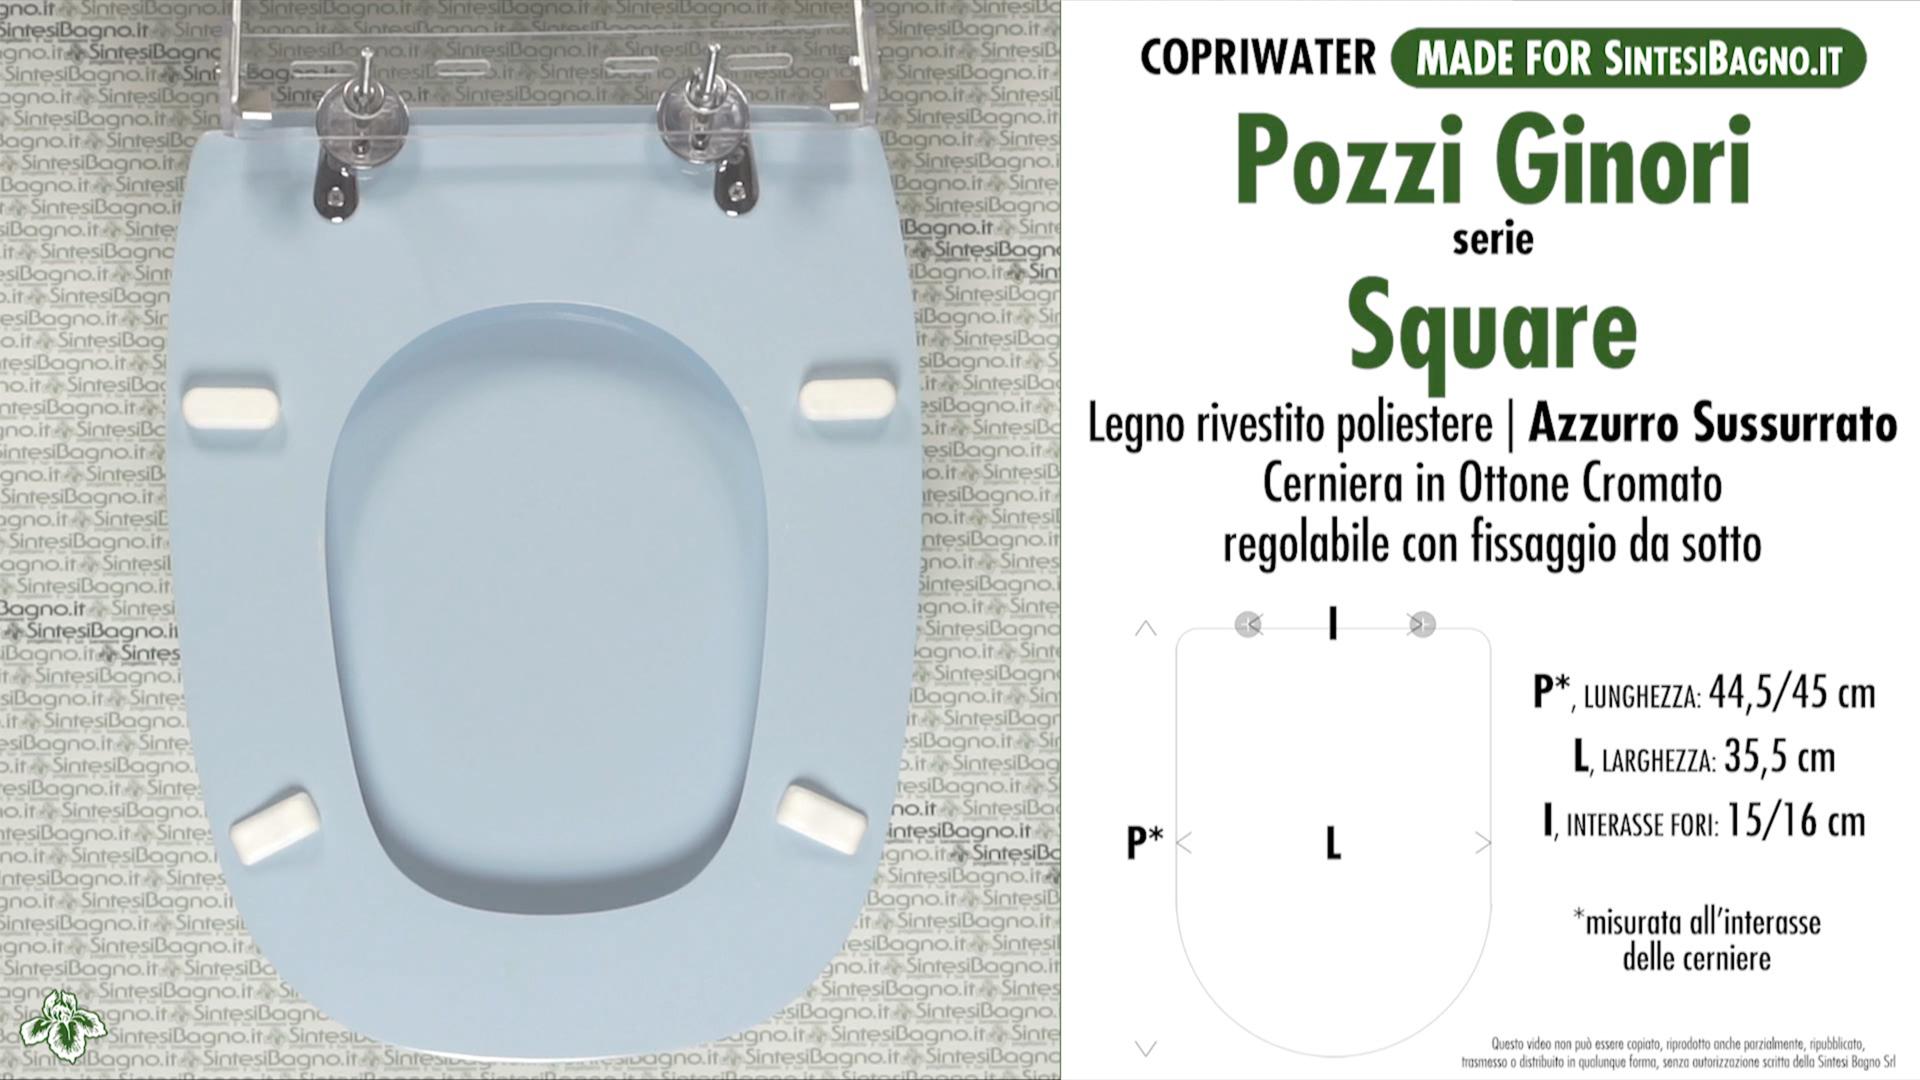 SCHEDA TECNICA MISURE copriwater POZZI GINORI SQUARE